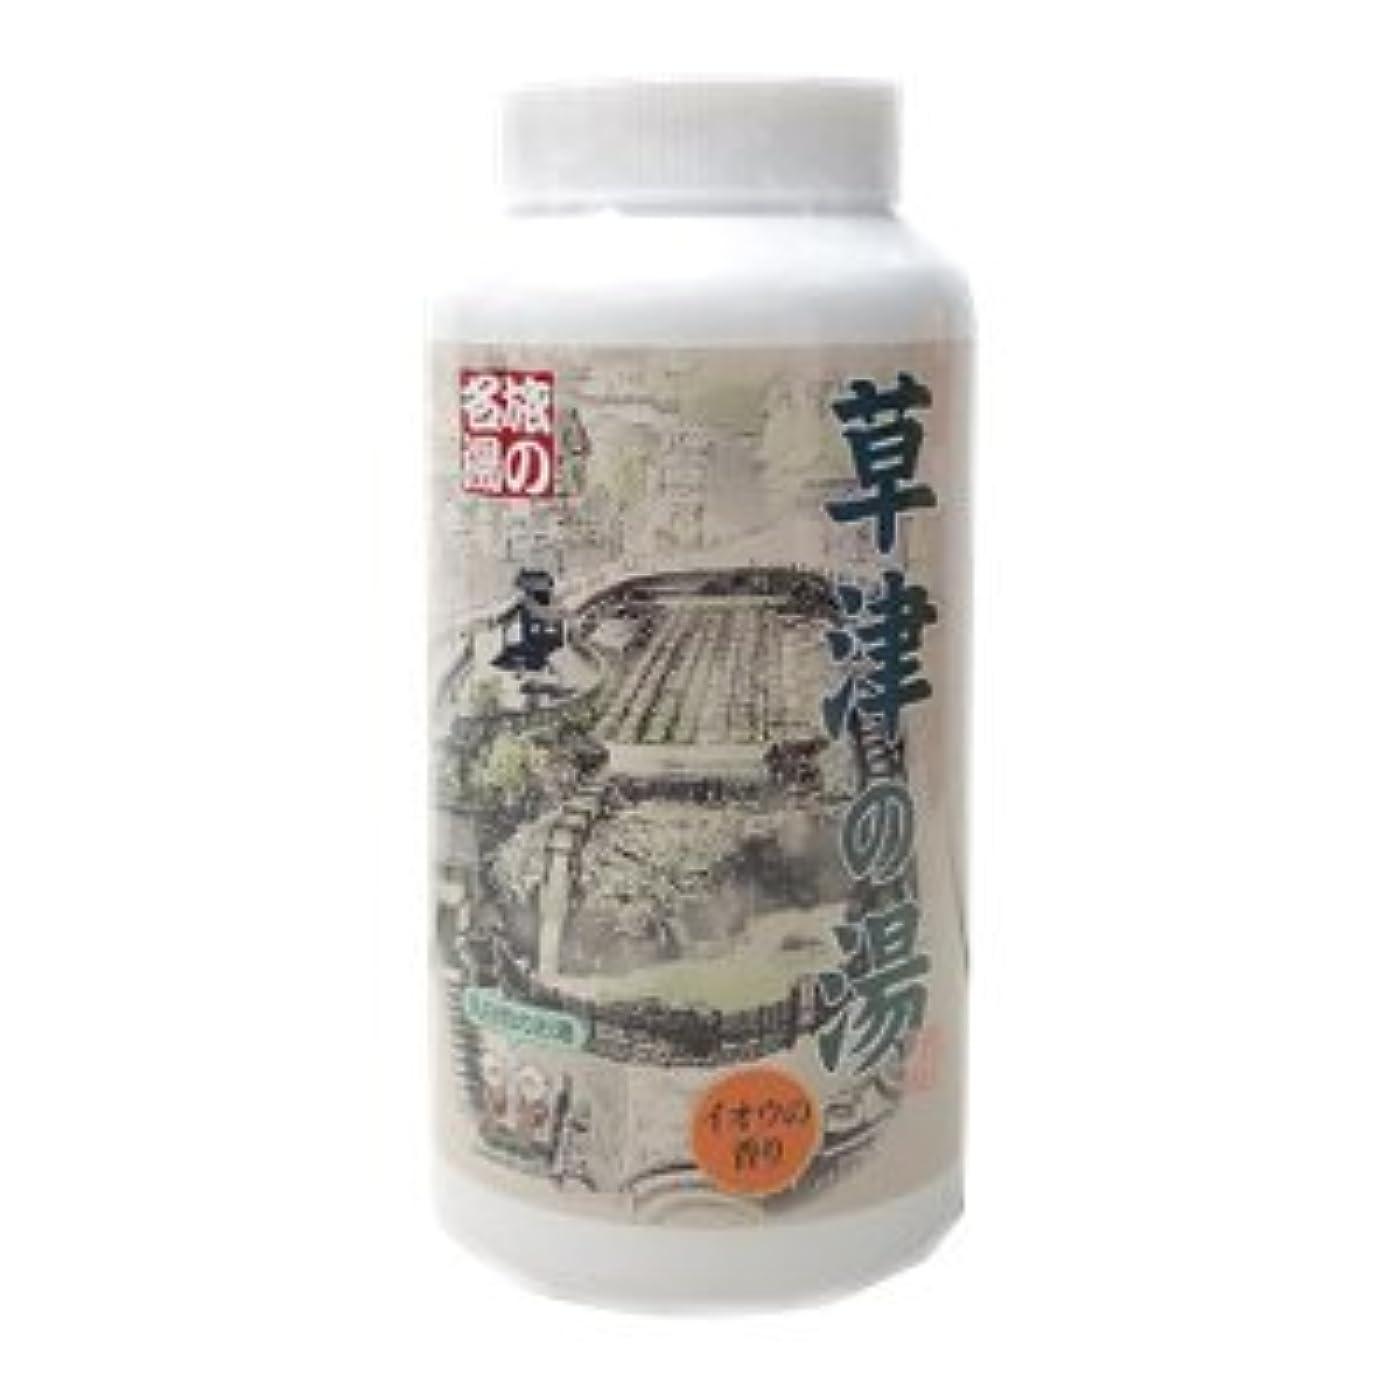 配当死ぬ消費草津の湯入浴剤 『イオウの香り』 乳白色のお湯 500g 20回分